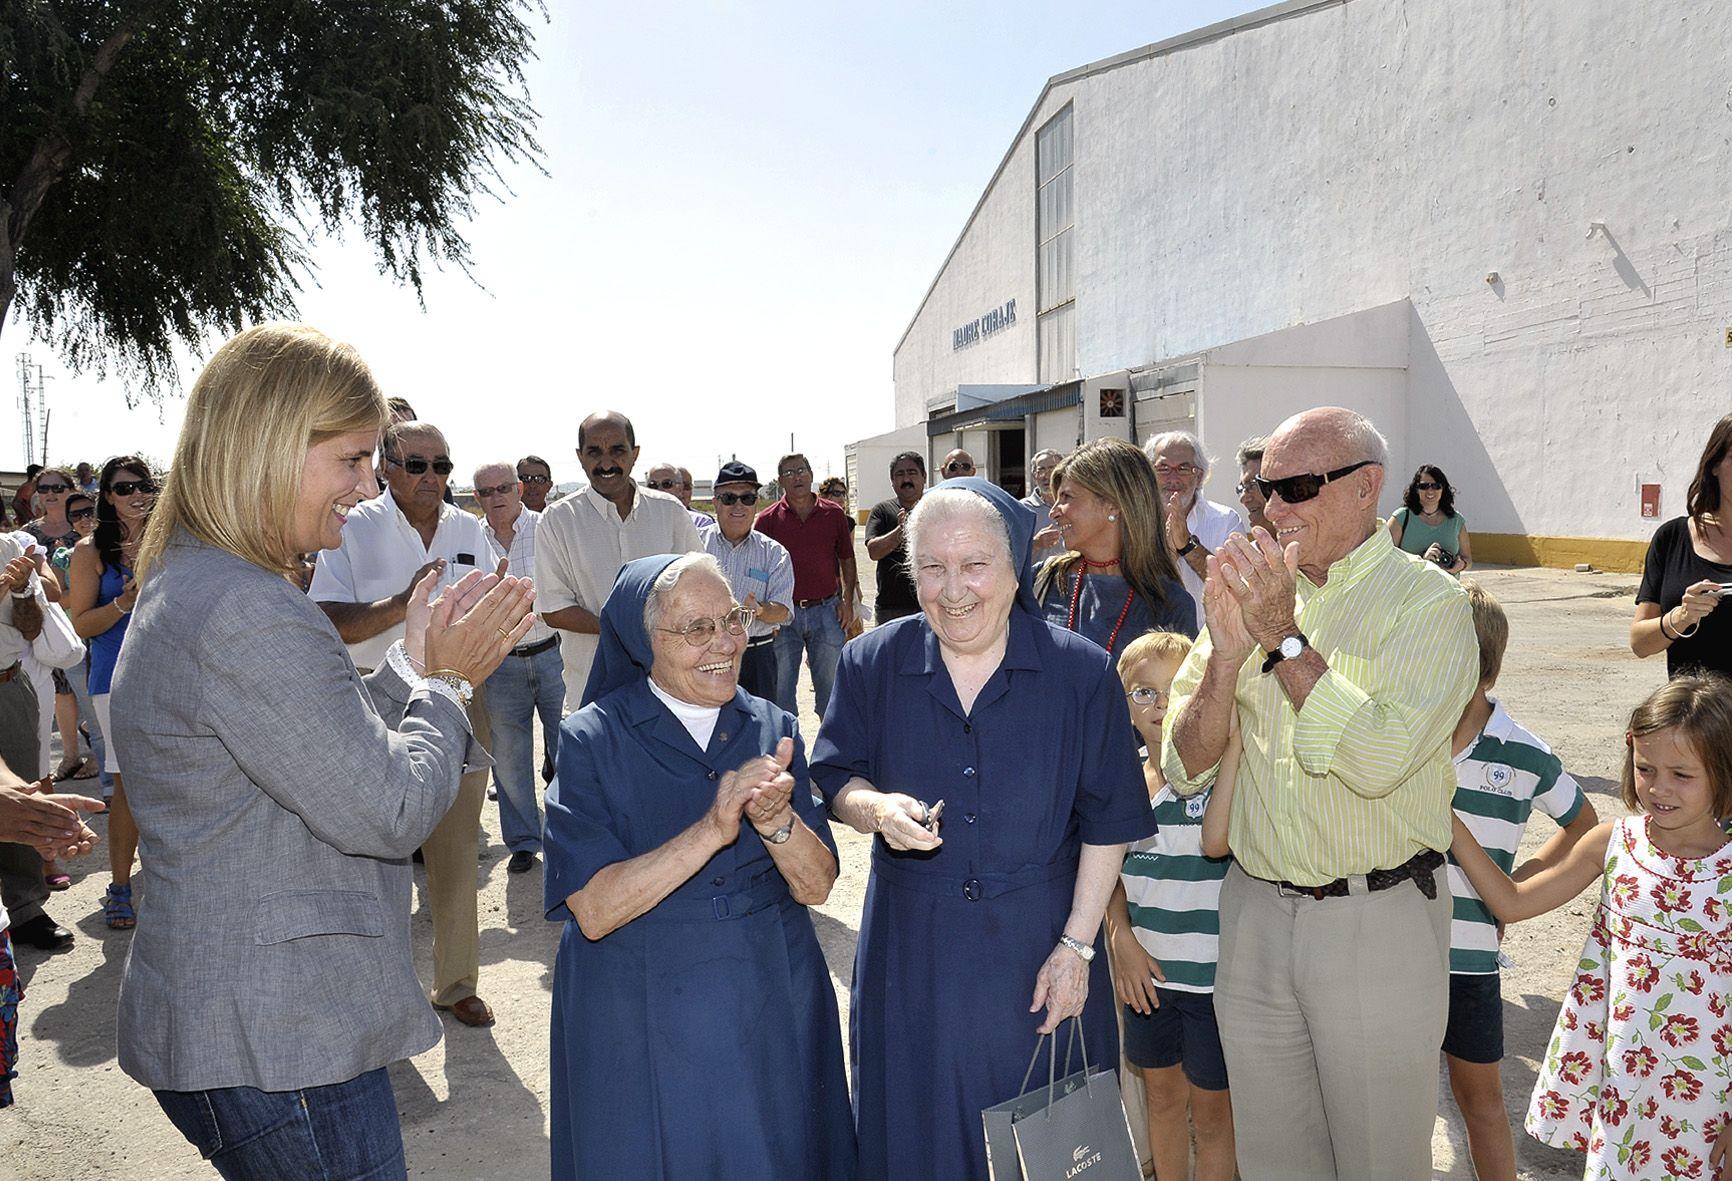 Imagen de la Inauguración de la ONG Madre Coraje de sus huertos solidarios en las inmediaciones de sus nuevas instalaciones en la antigua azucarera de Guadalcacín. Asistió la entonces alcaldesa García-Pelayo. | Septiembre 2012